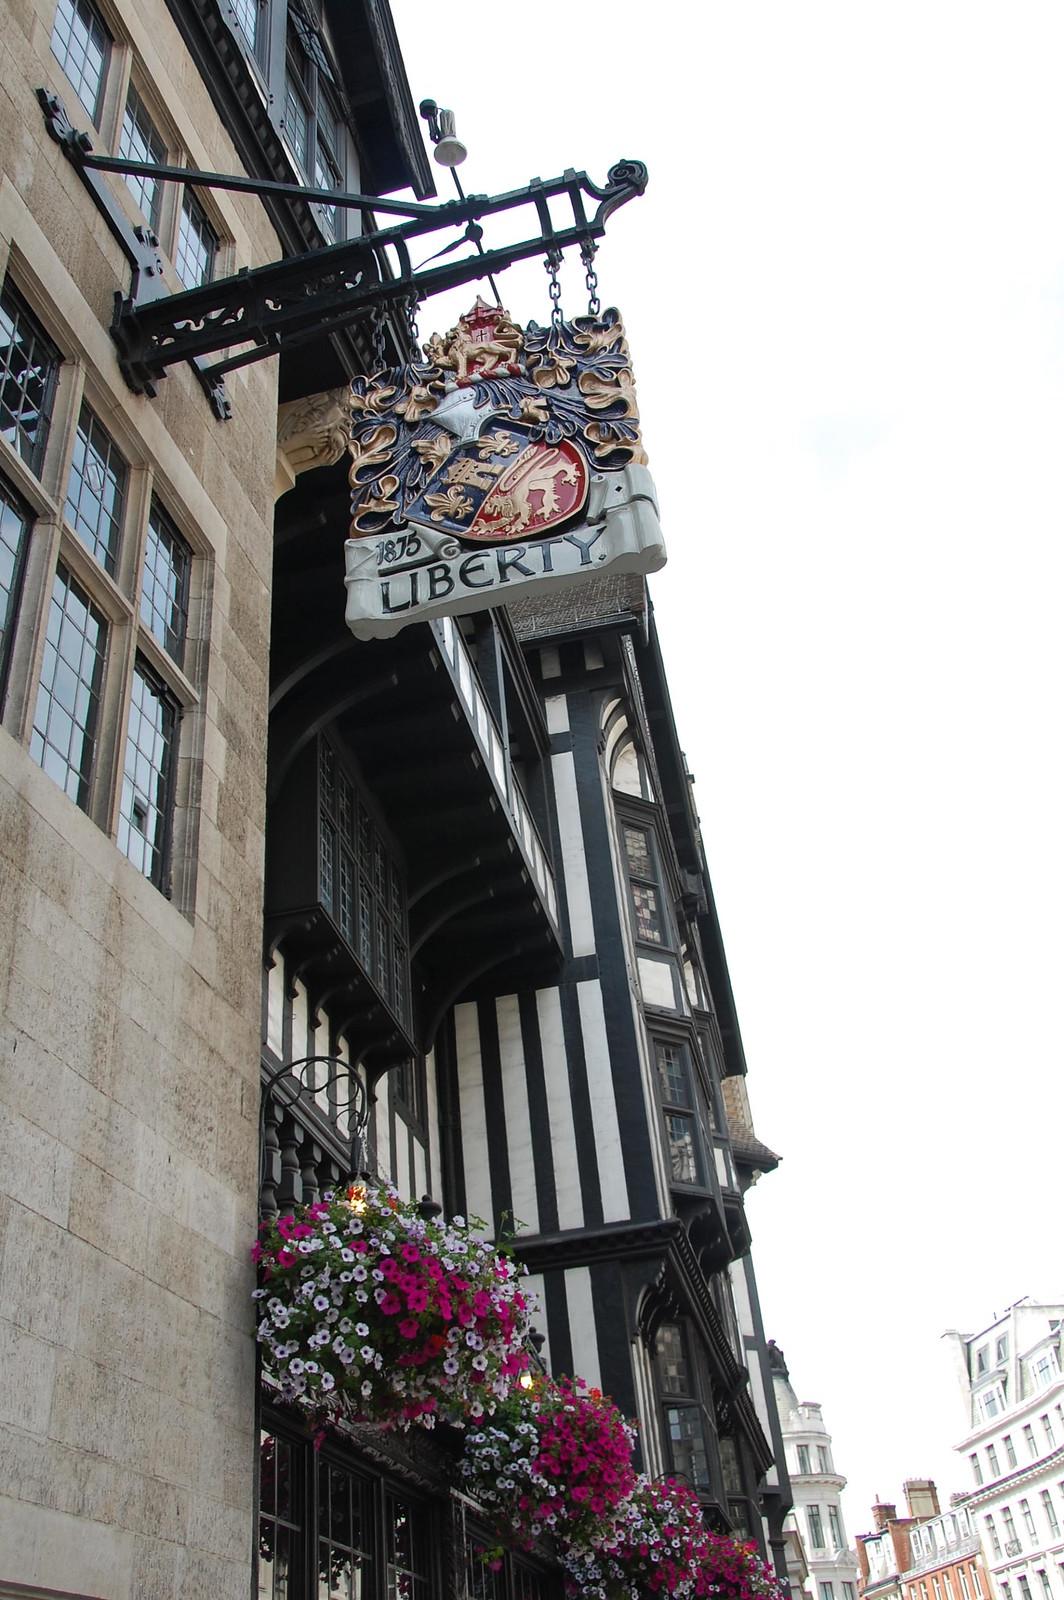 liberty-shop-london